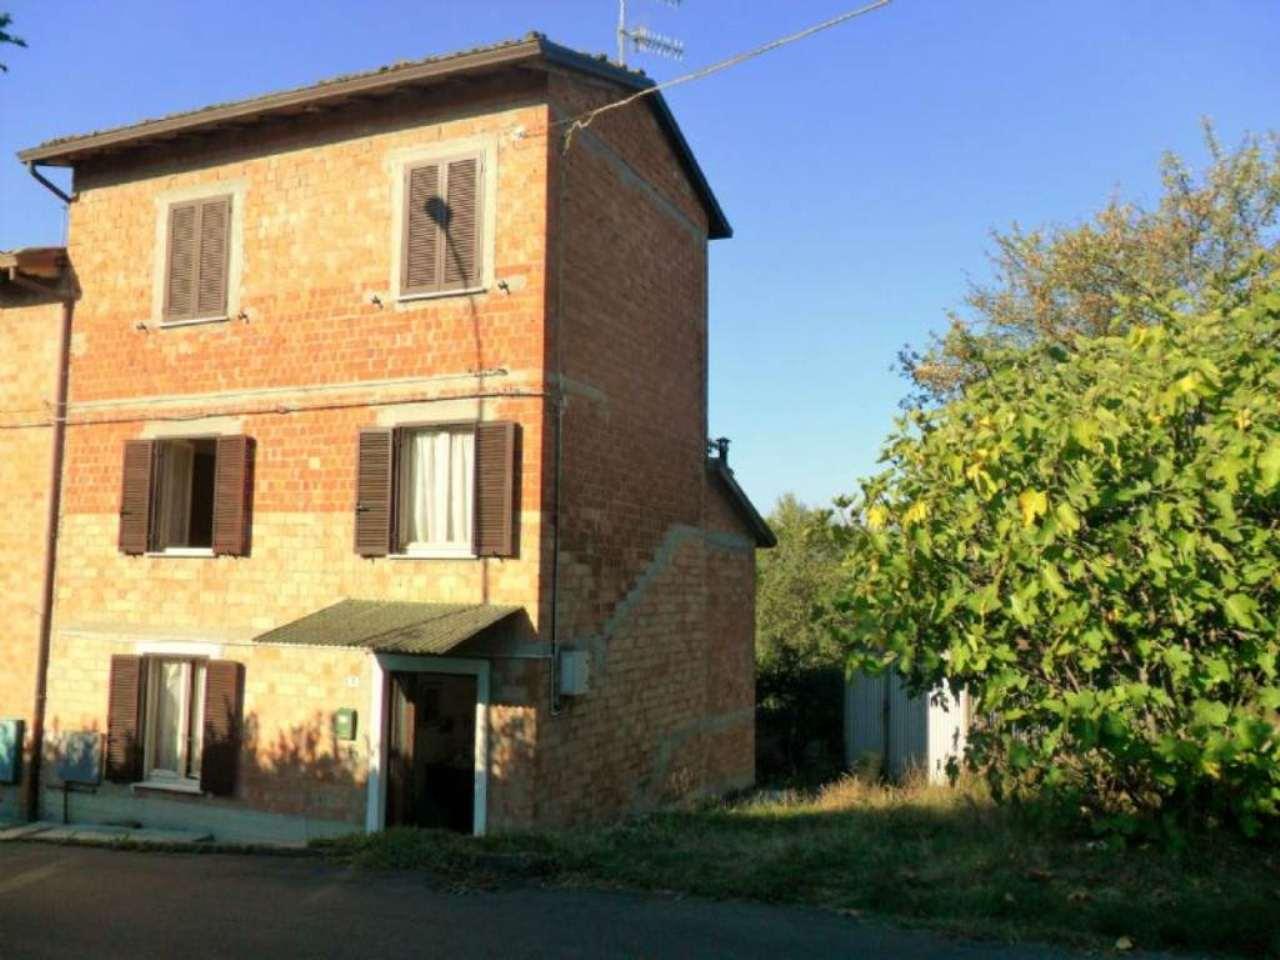 Palazzo / Stabile in vendita a Varano de' Melegari, 3 locali, prezzo € 50.000 | Cambio Casa.it